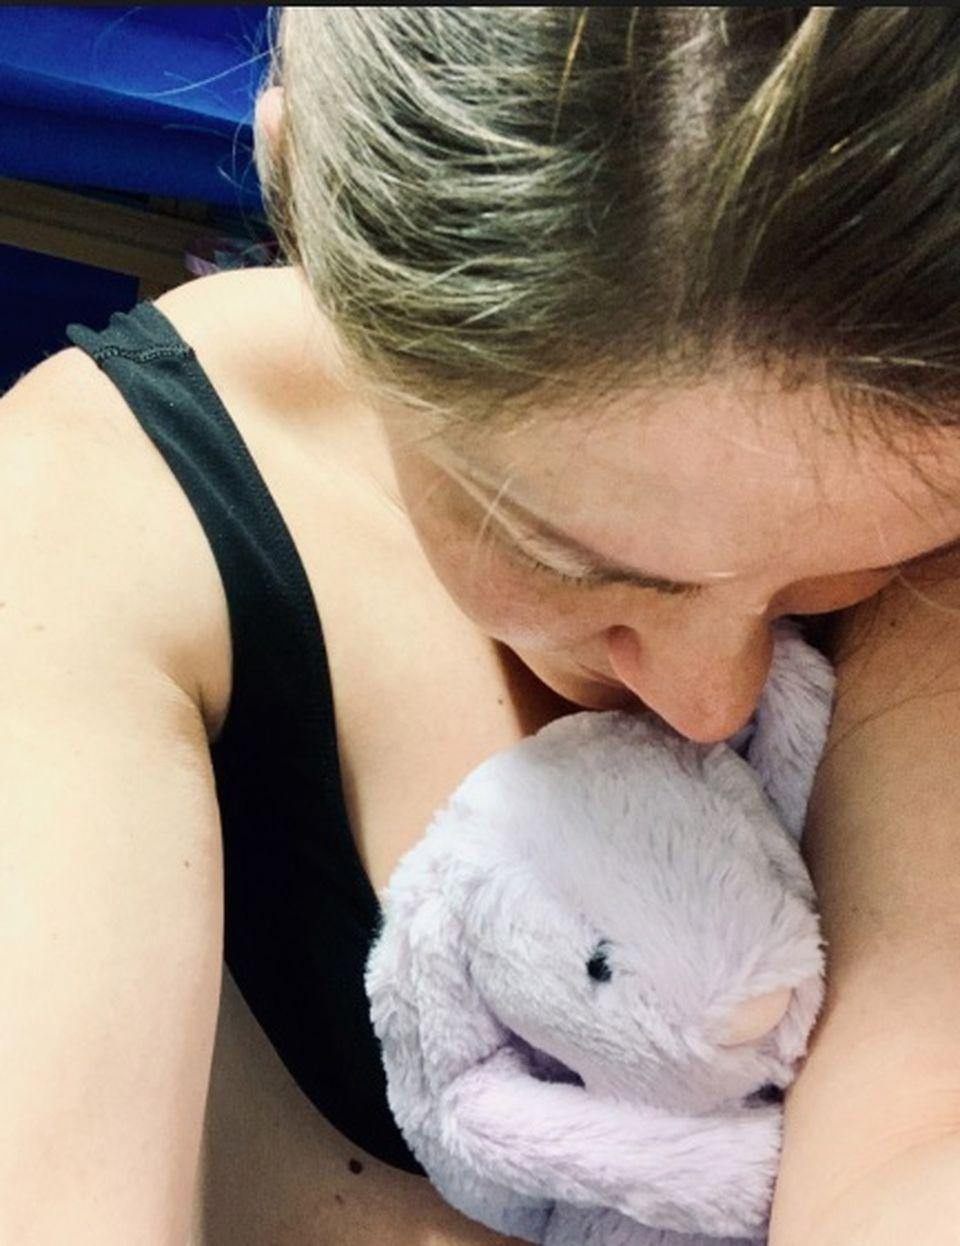 A rămas gravidă cu tripleți, dar jumătate din sarcină a stat cu unul din bebeluși morți în uter. Ce-a făcut cu micuțul care murise după ce l-a născut e cutremurător